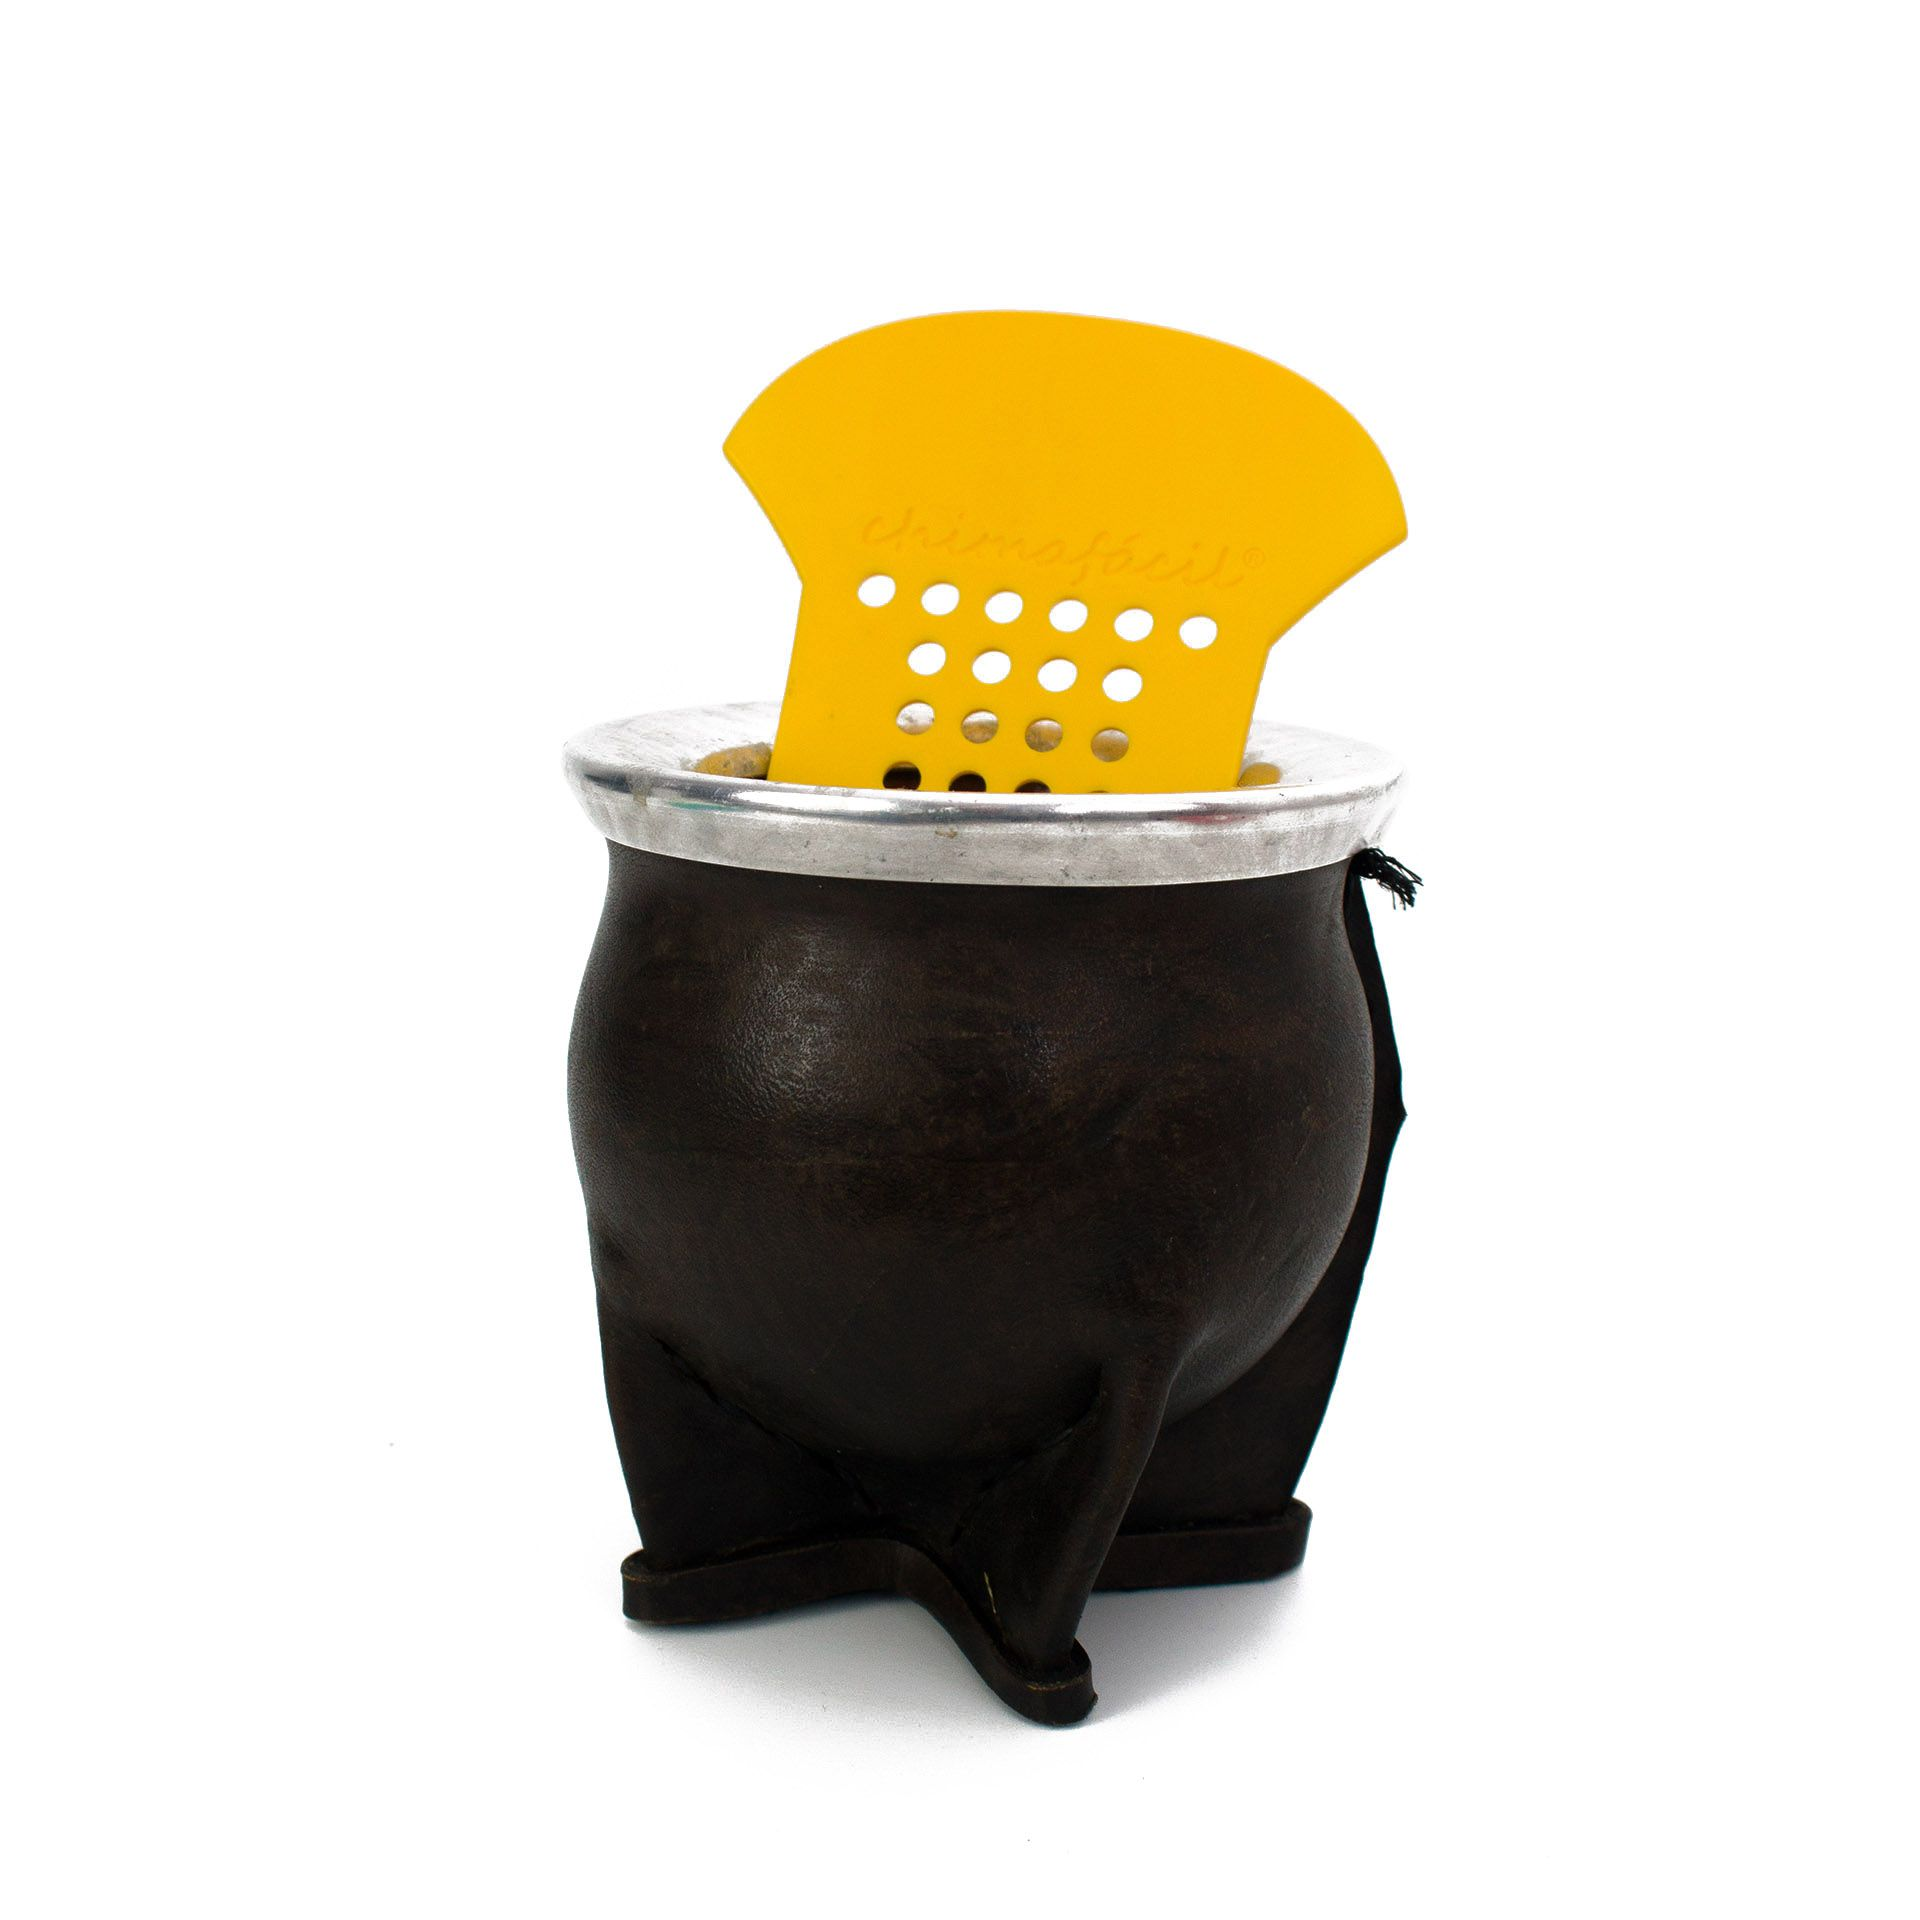 Kit Cevador de Chimarrão Chimafácil - Amarelo